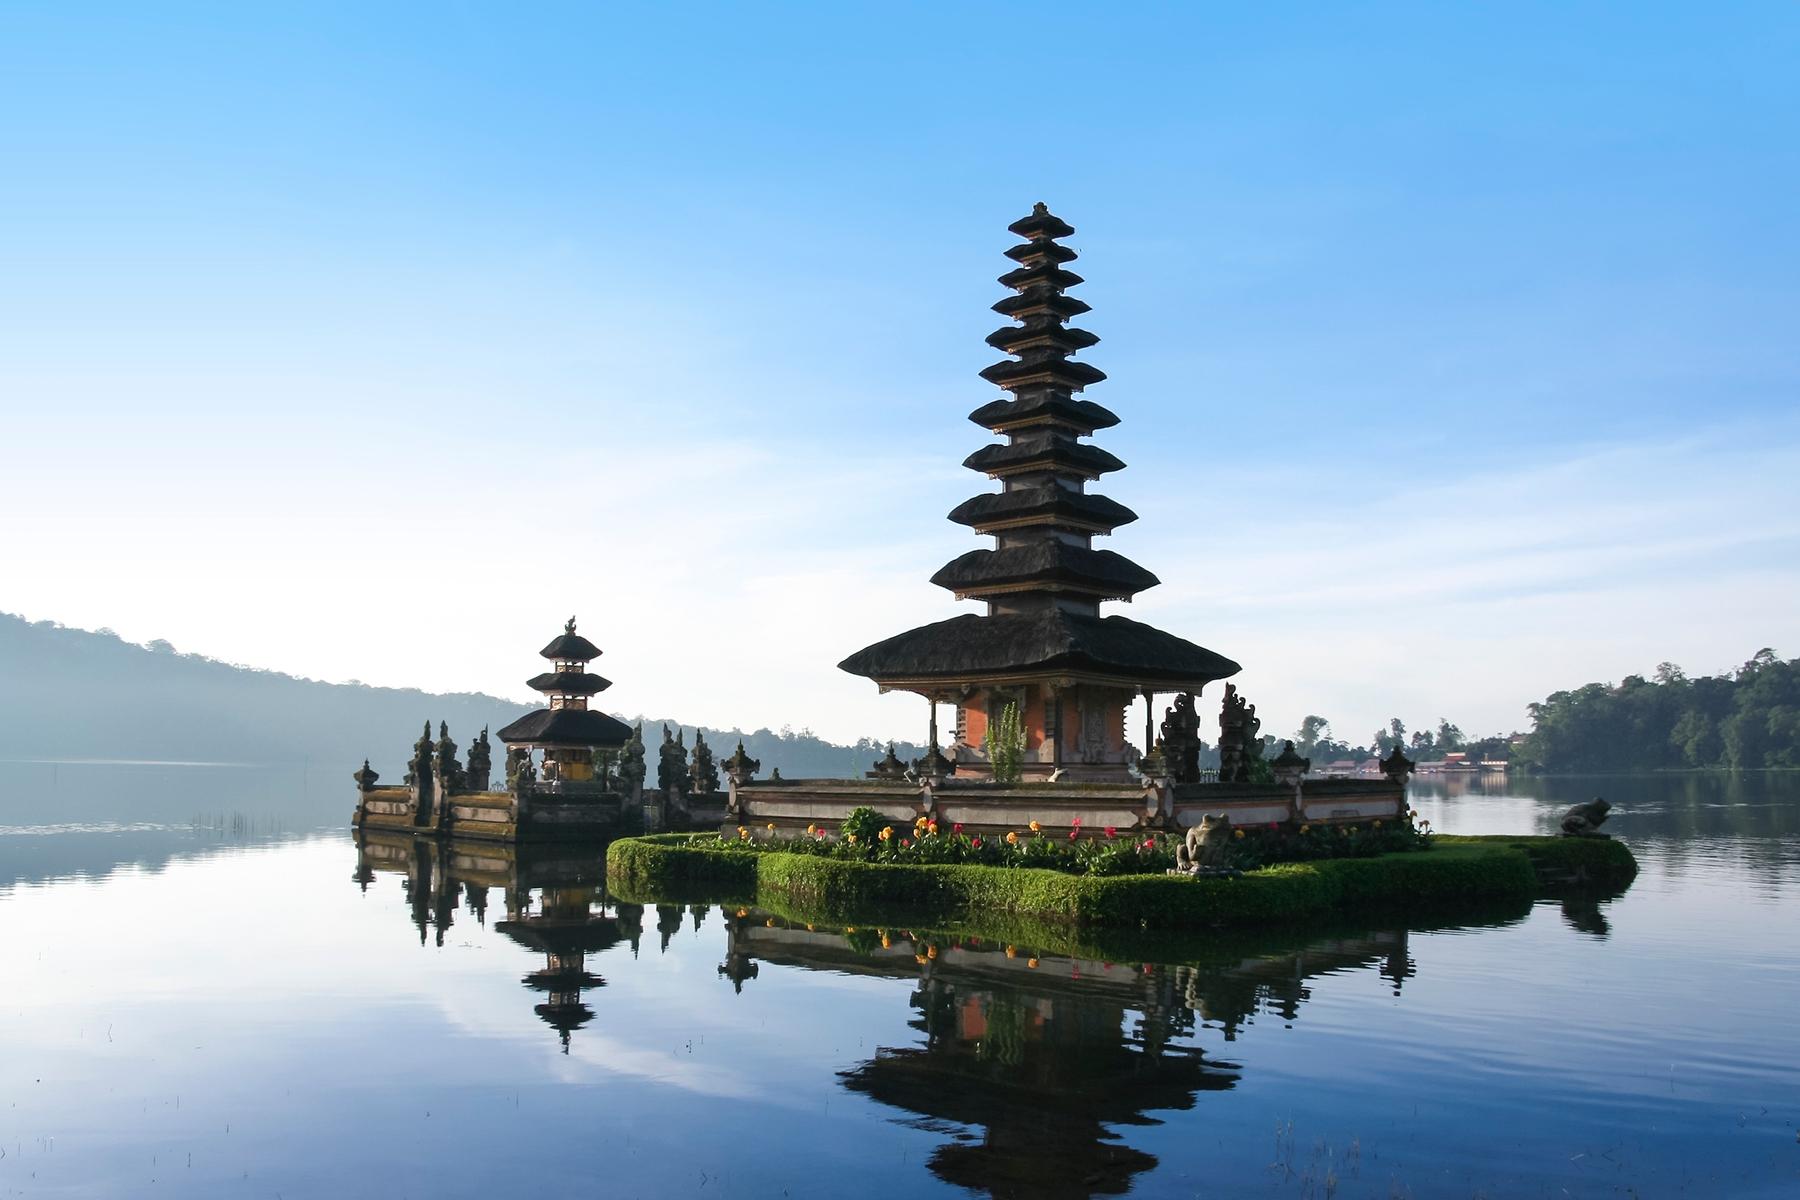 Países más grandes: Pagoda en Indonesia